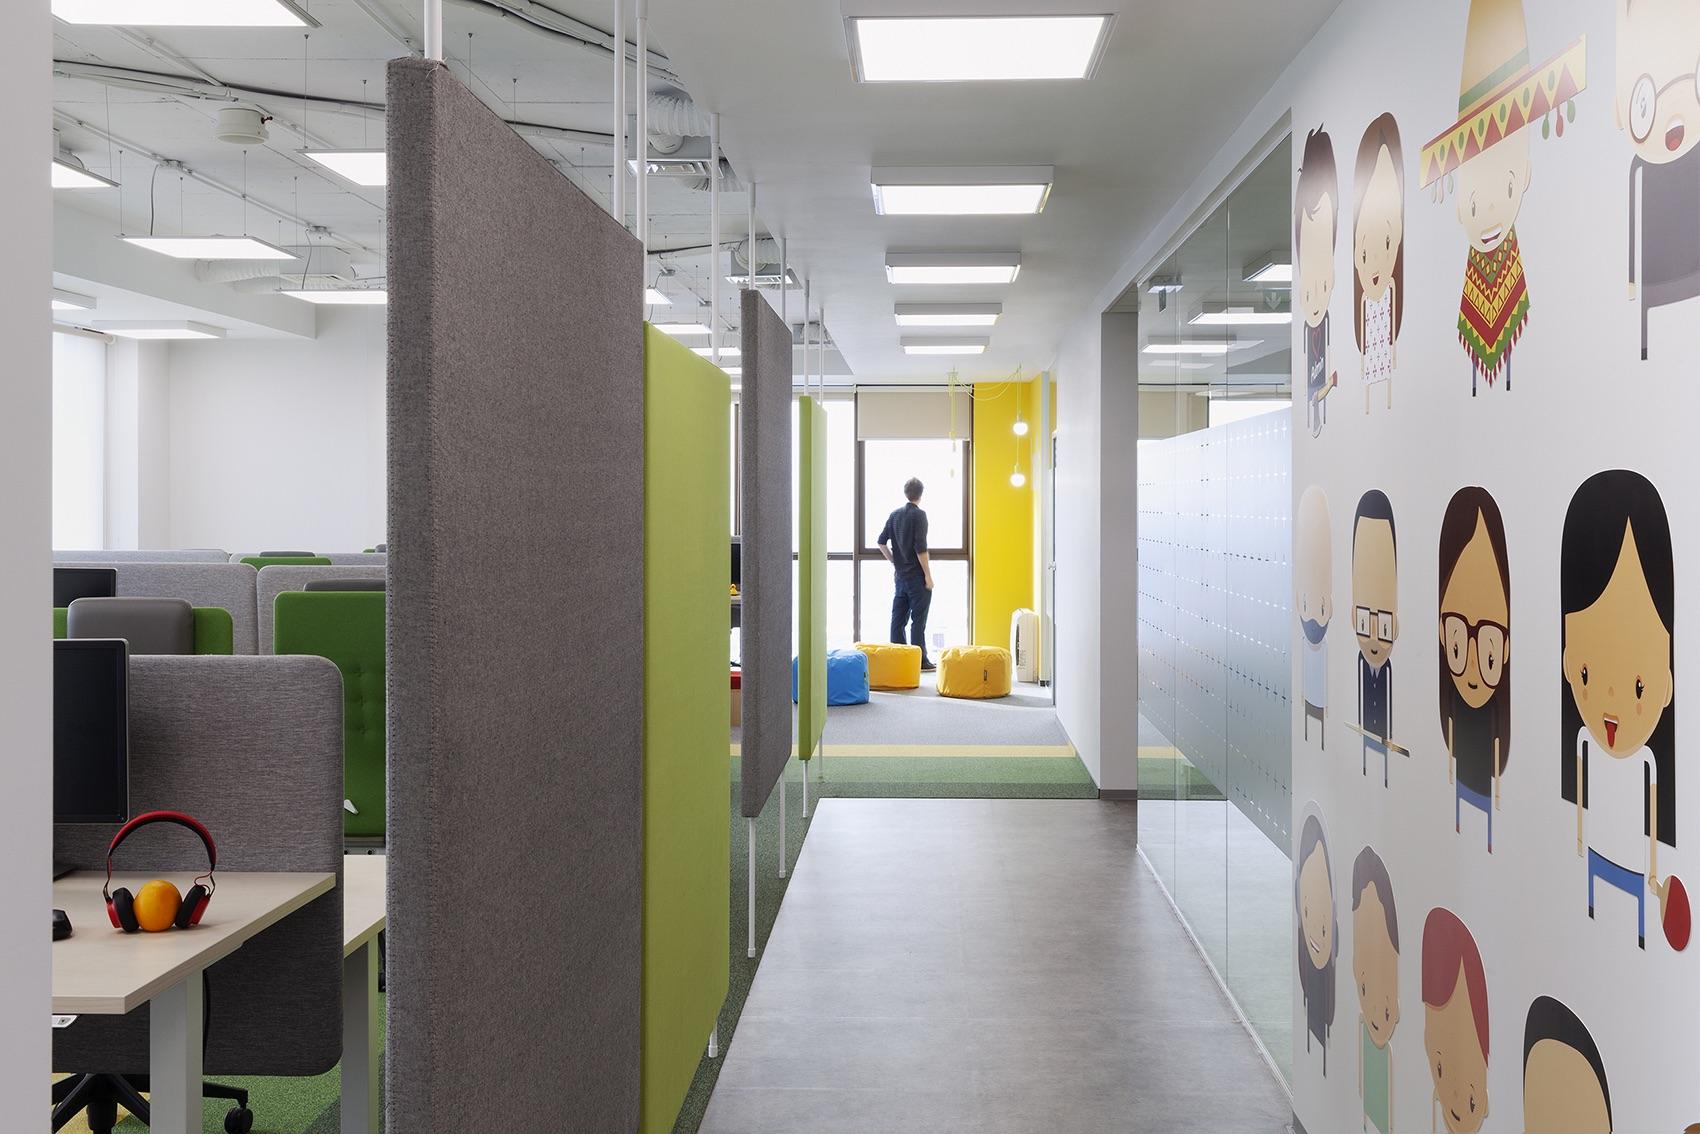 cache-atelier-interior-design-office-space-accedia-bulgaria-sofia_07